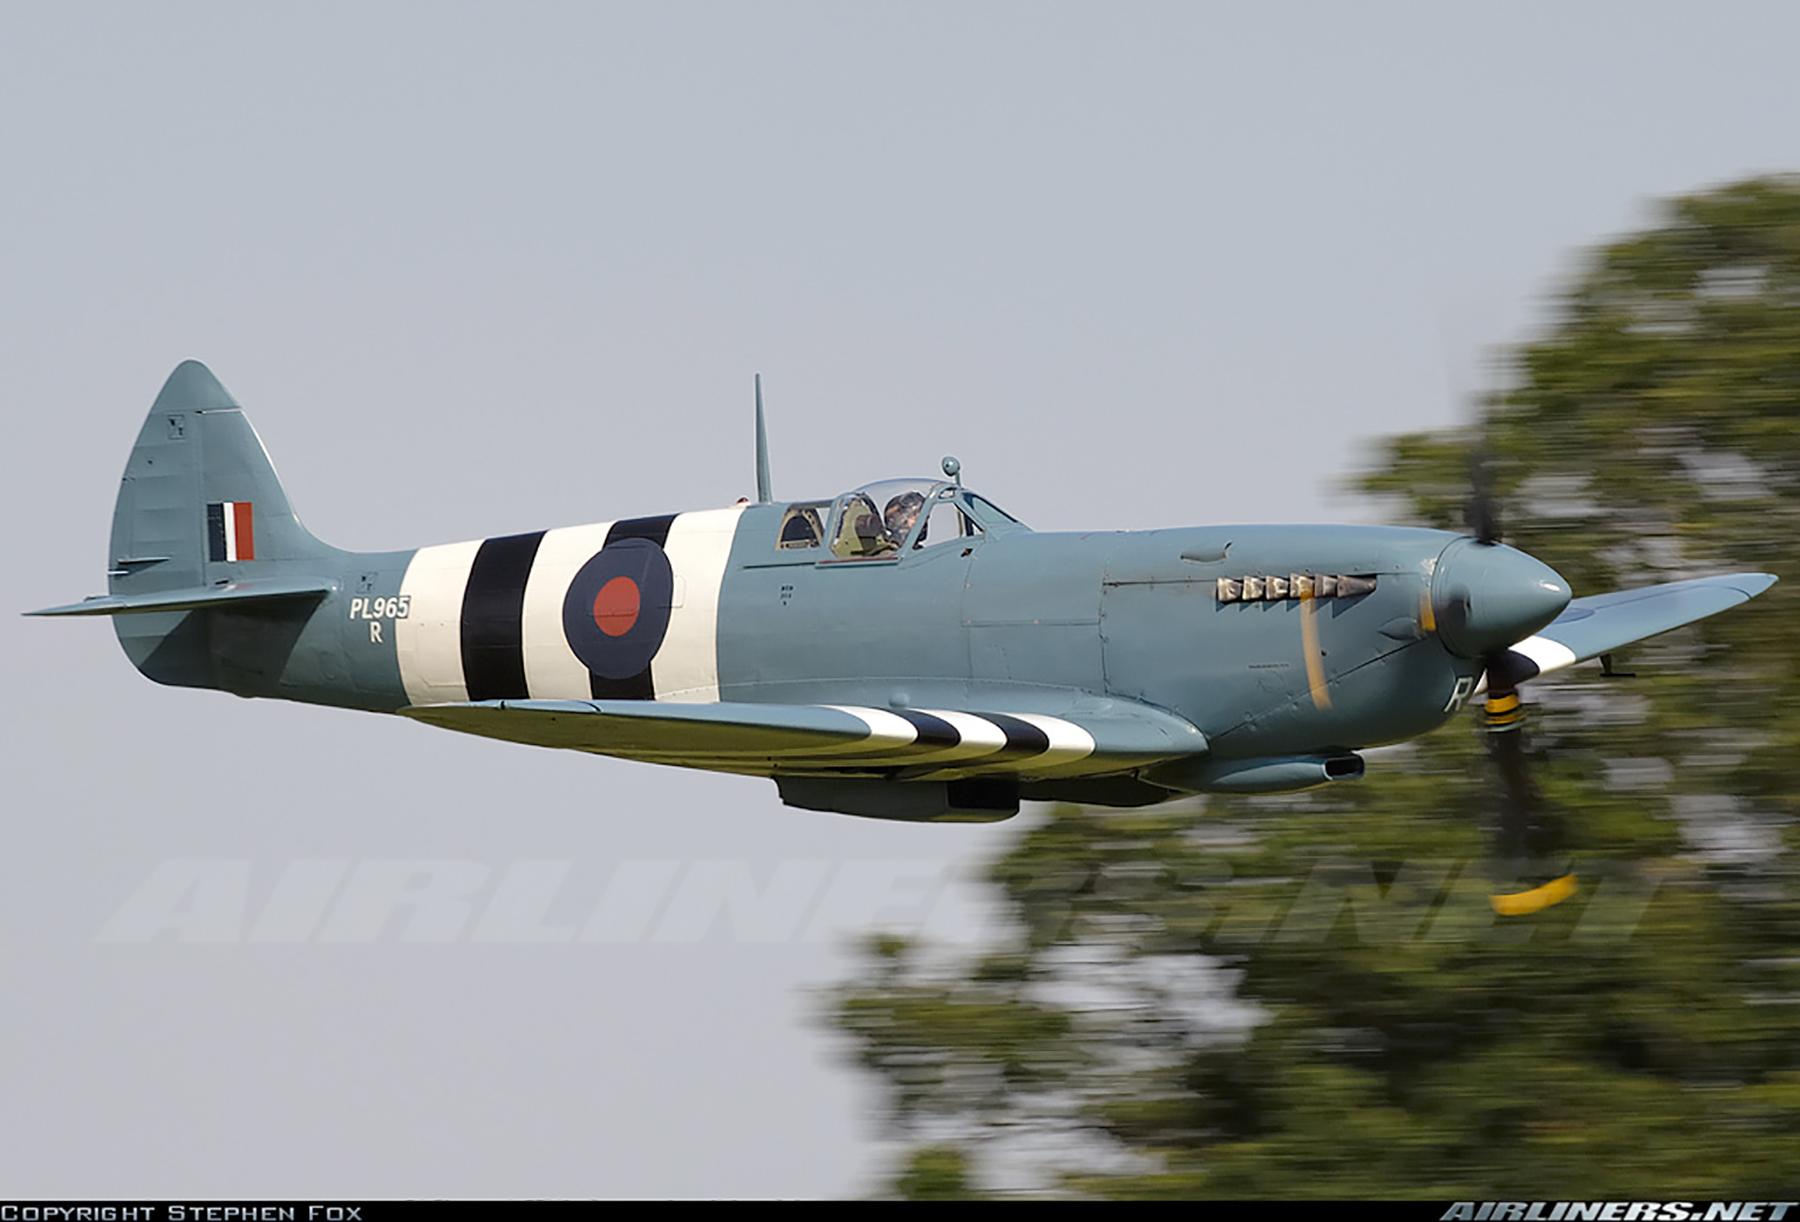 Airworthy Spitfire warbird PRXI RAF 16Sqn R PL965 27